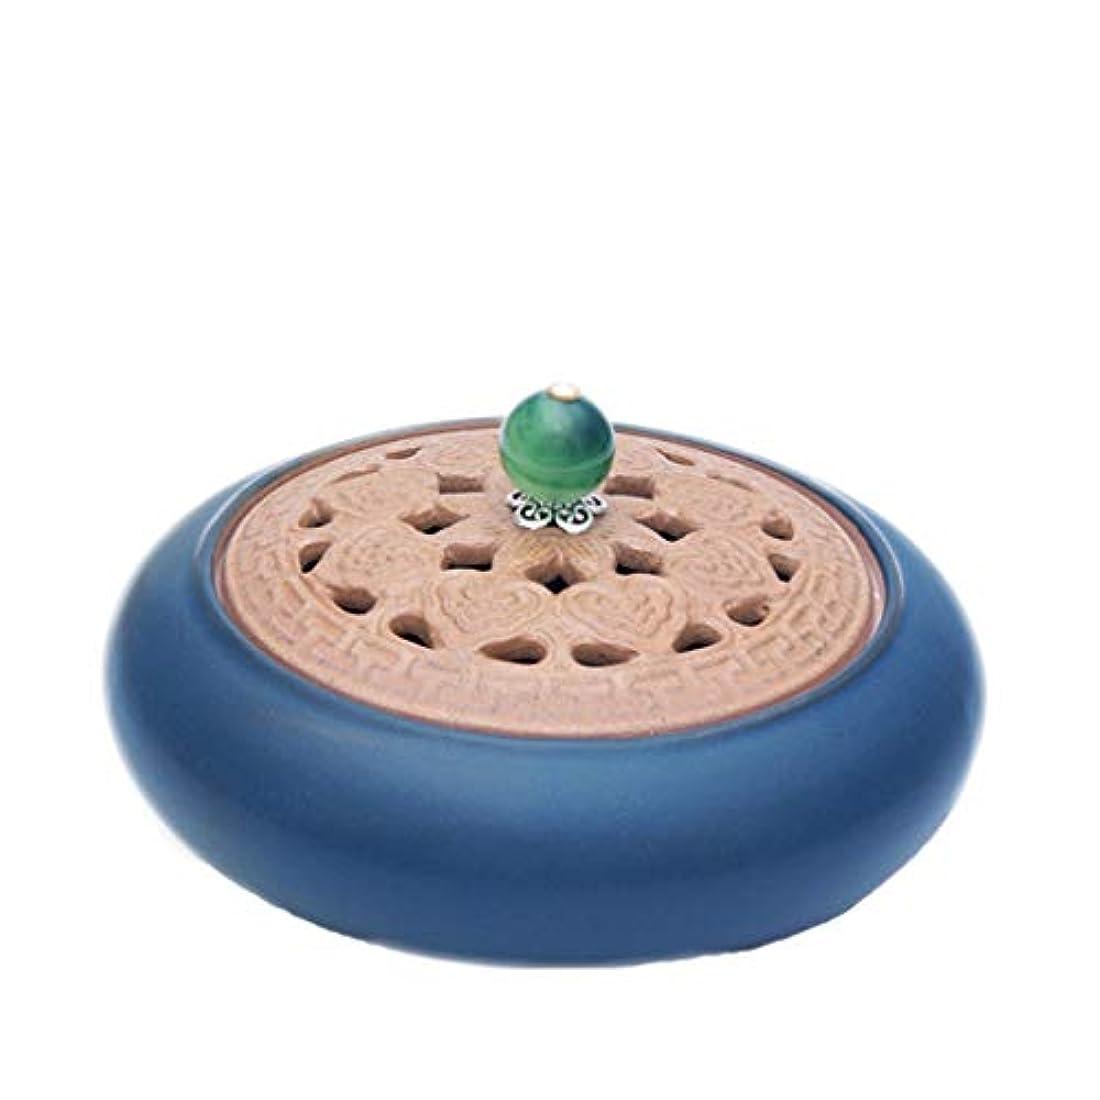 本気倫理的アクチュエータホームアロマバーナー アンティークセラミック小さな香バーナーホームインドアガーウッドハース香純粋な銅白檀炉アロマテラピー炉 アロマバーナー (Color : Green)